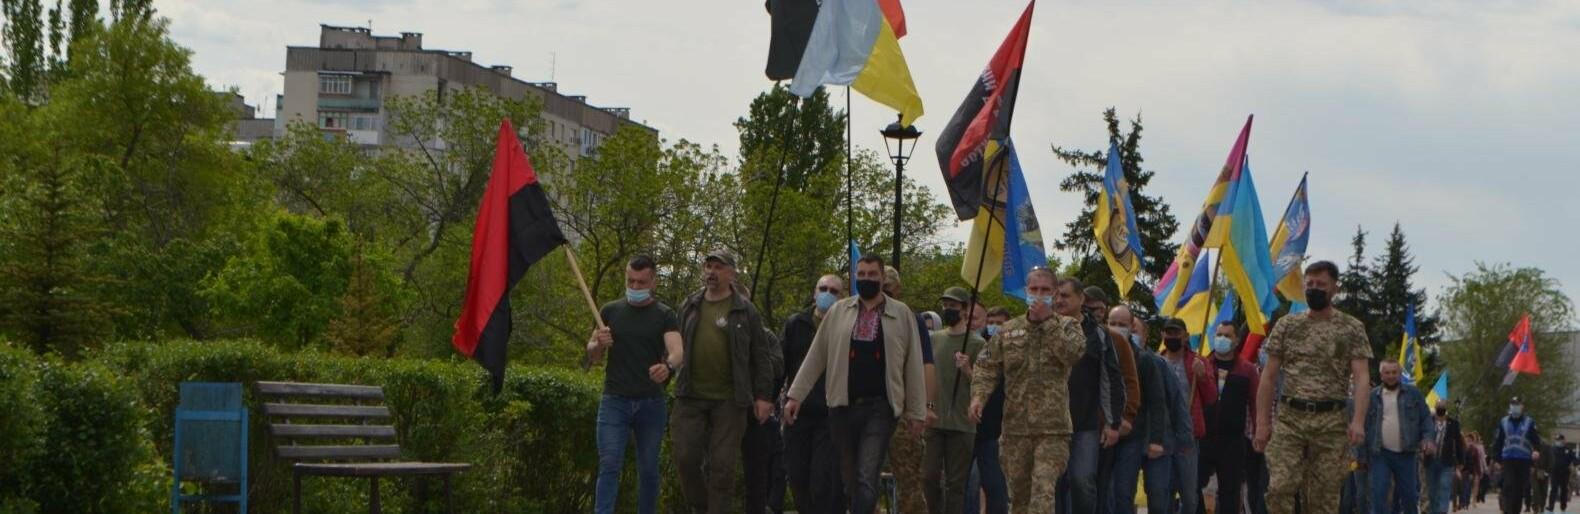 Власть игнорирует нас: В Северодонецке митинговали ветераны АТО, учителя и жители села (фото, видео)